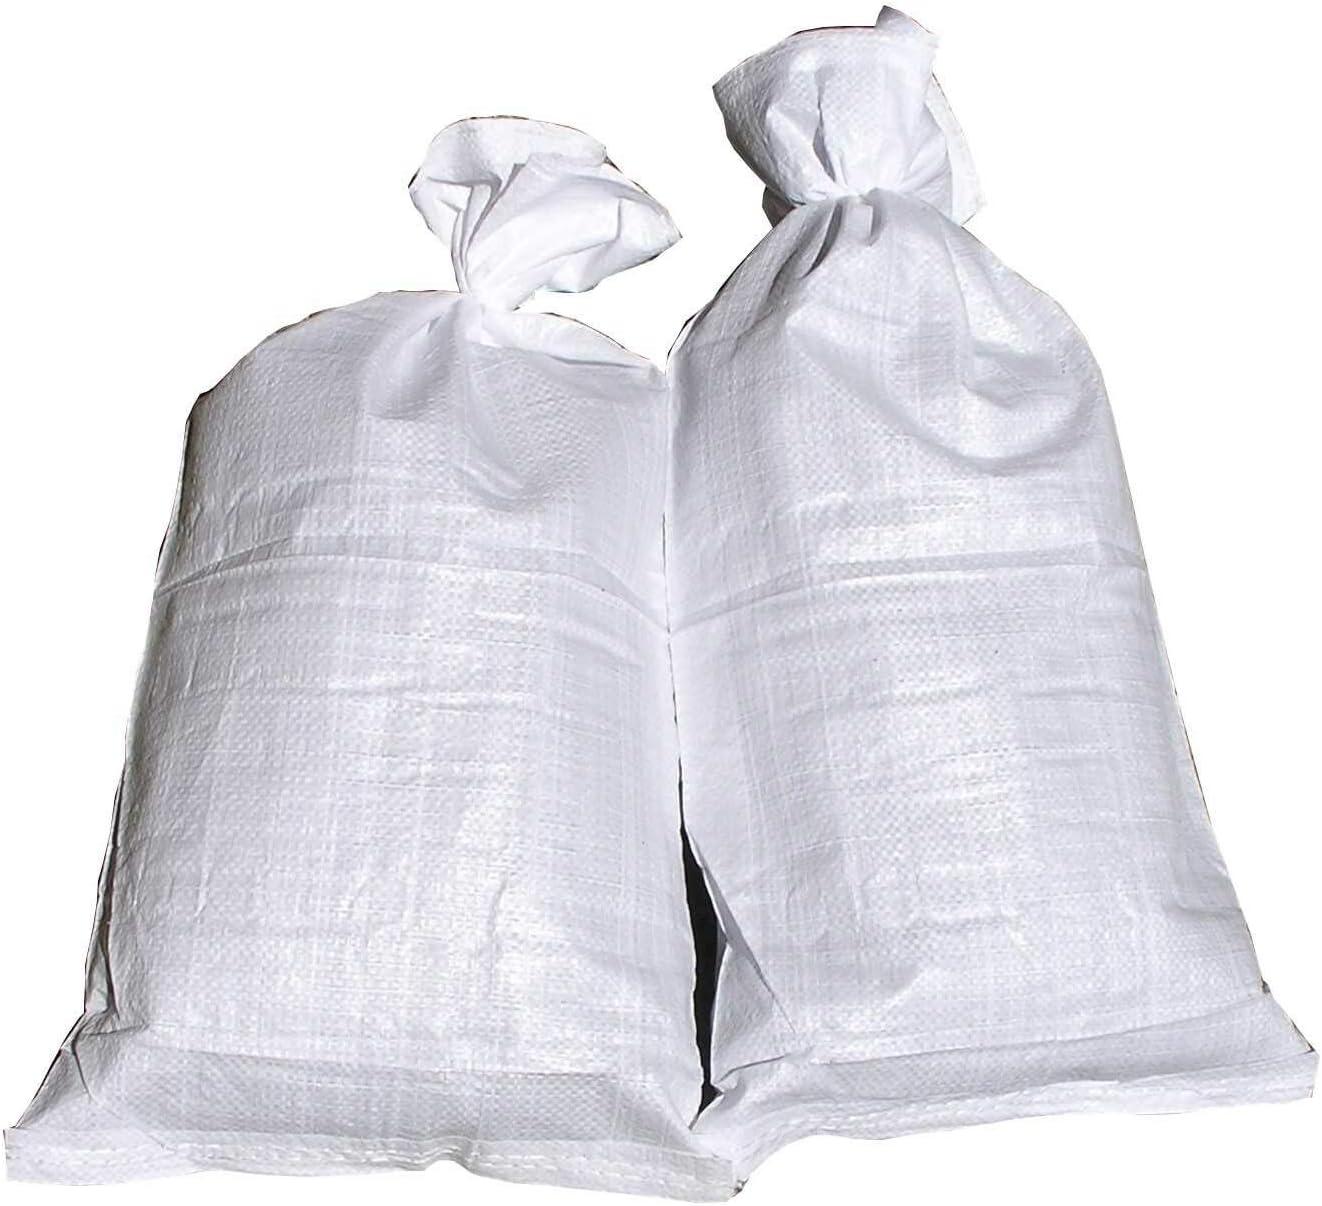 80 Hochwasser Sandsäcke PP Sandsack Hochwassersack Hochwasserschutz weiß 30x60cm